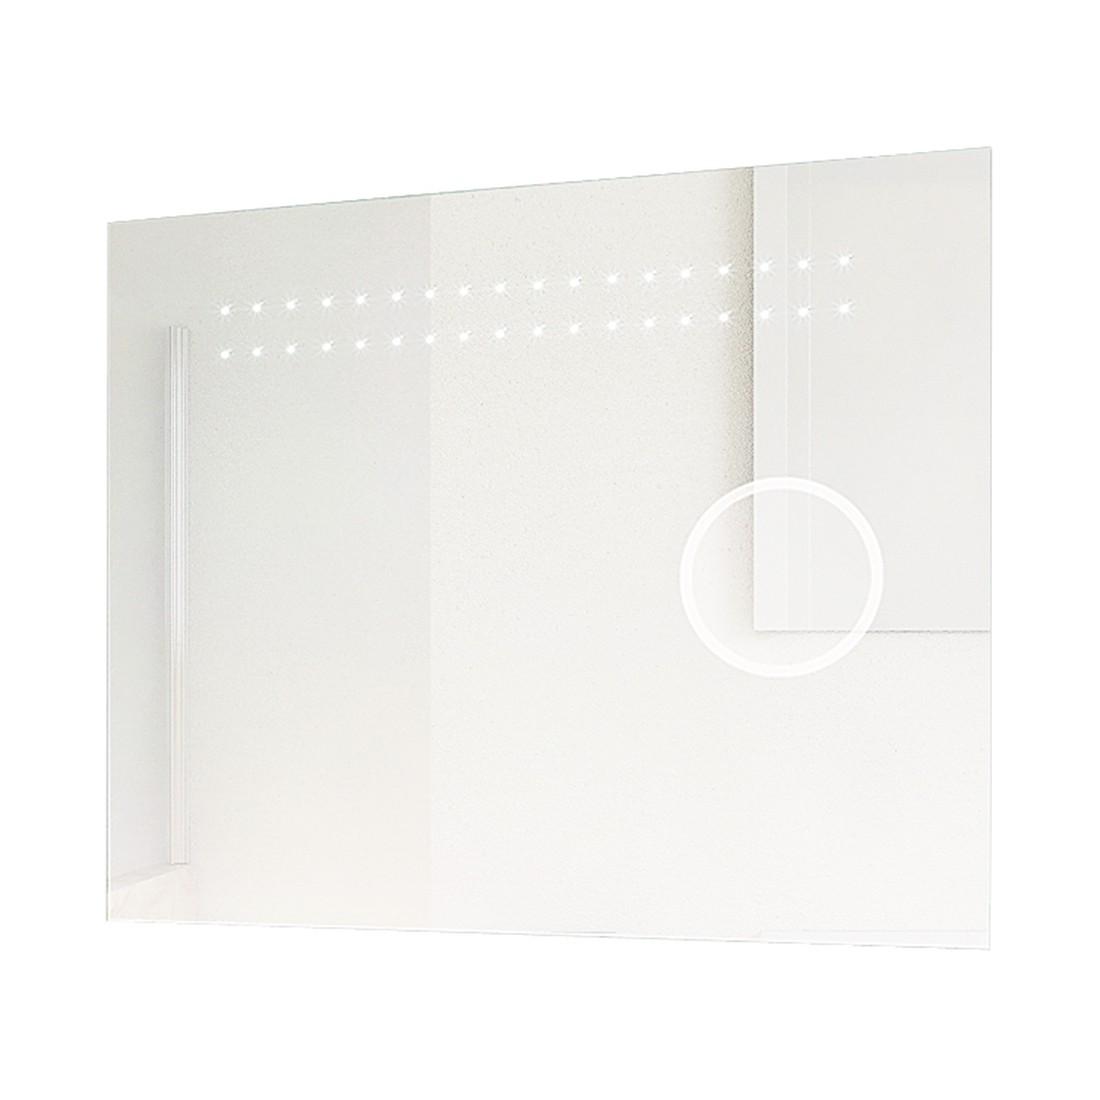 schminkspiegel mit beleuchtung g nstig kaufen. Black Bedroom Furniture Sets. Home Design Ideas